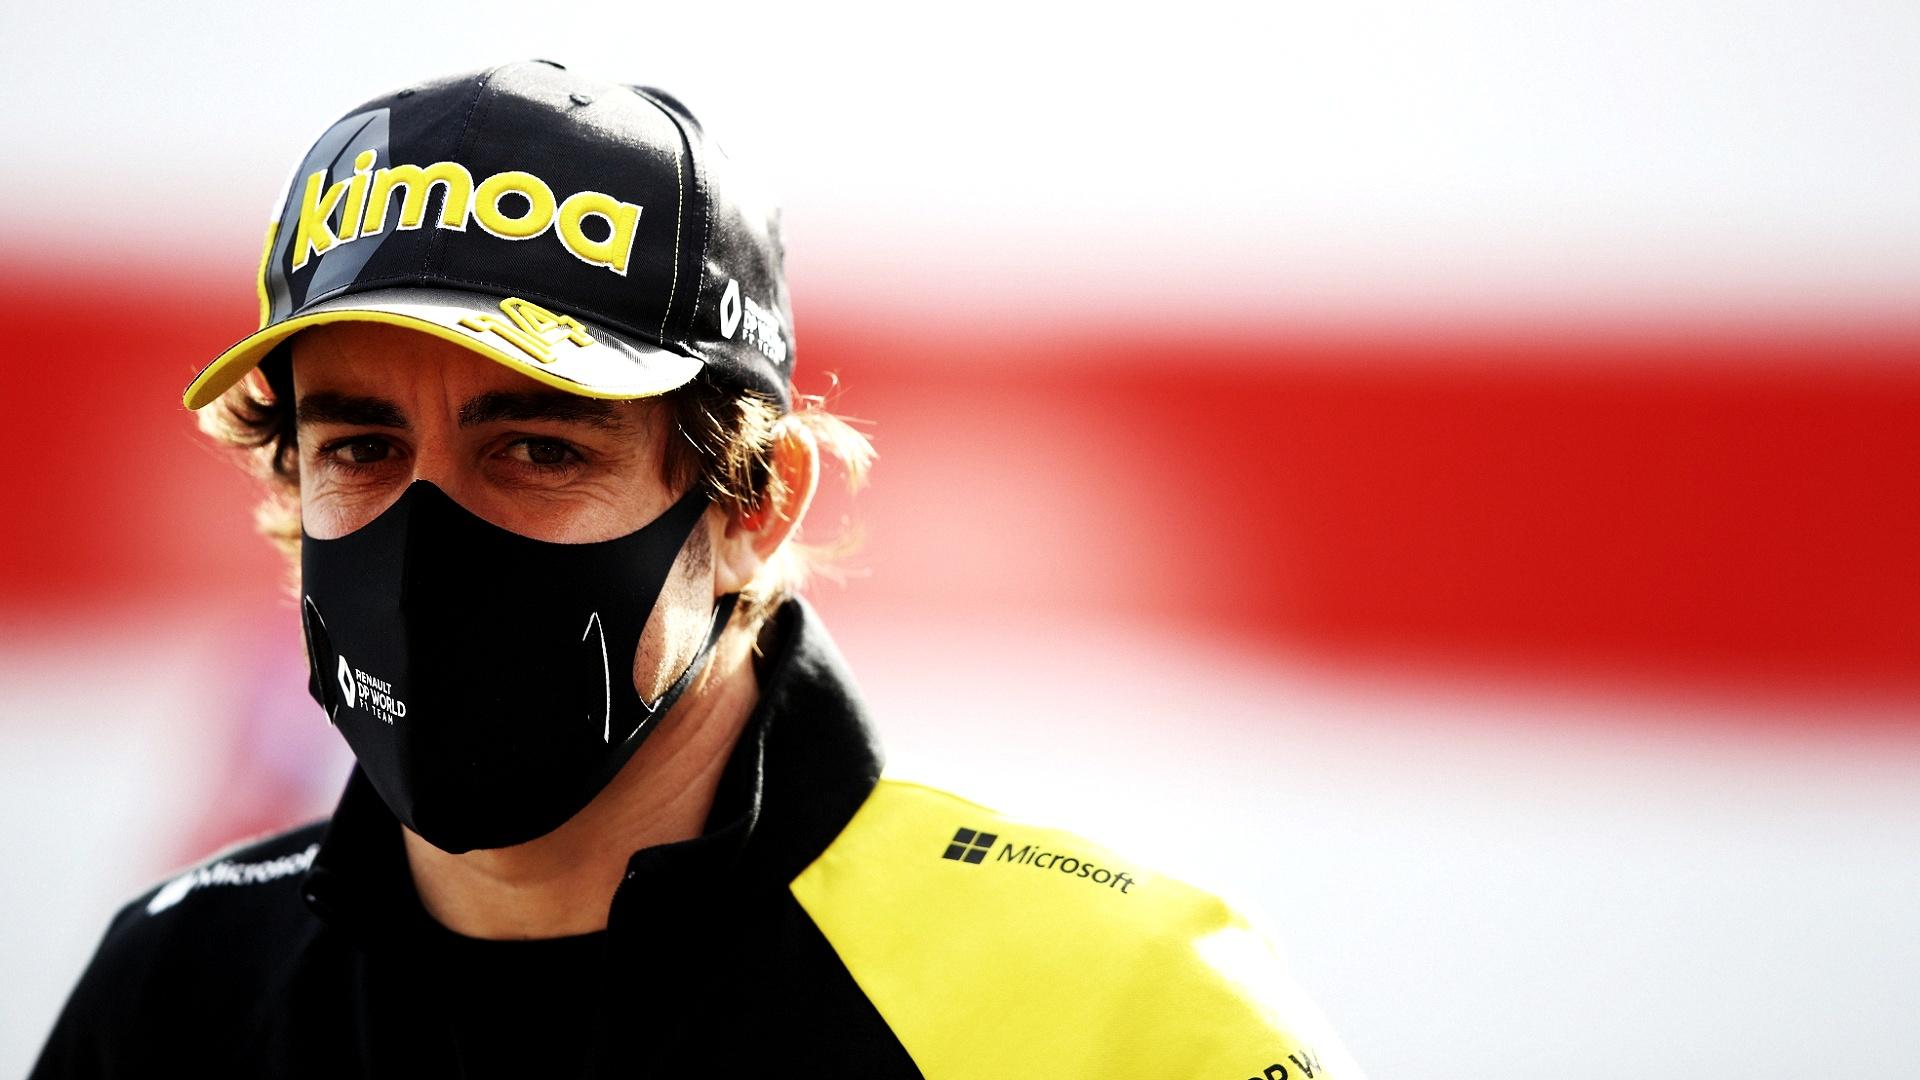 2021-01-09 Formula 1 F1 Fernando Alonso